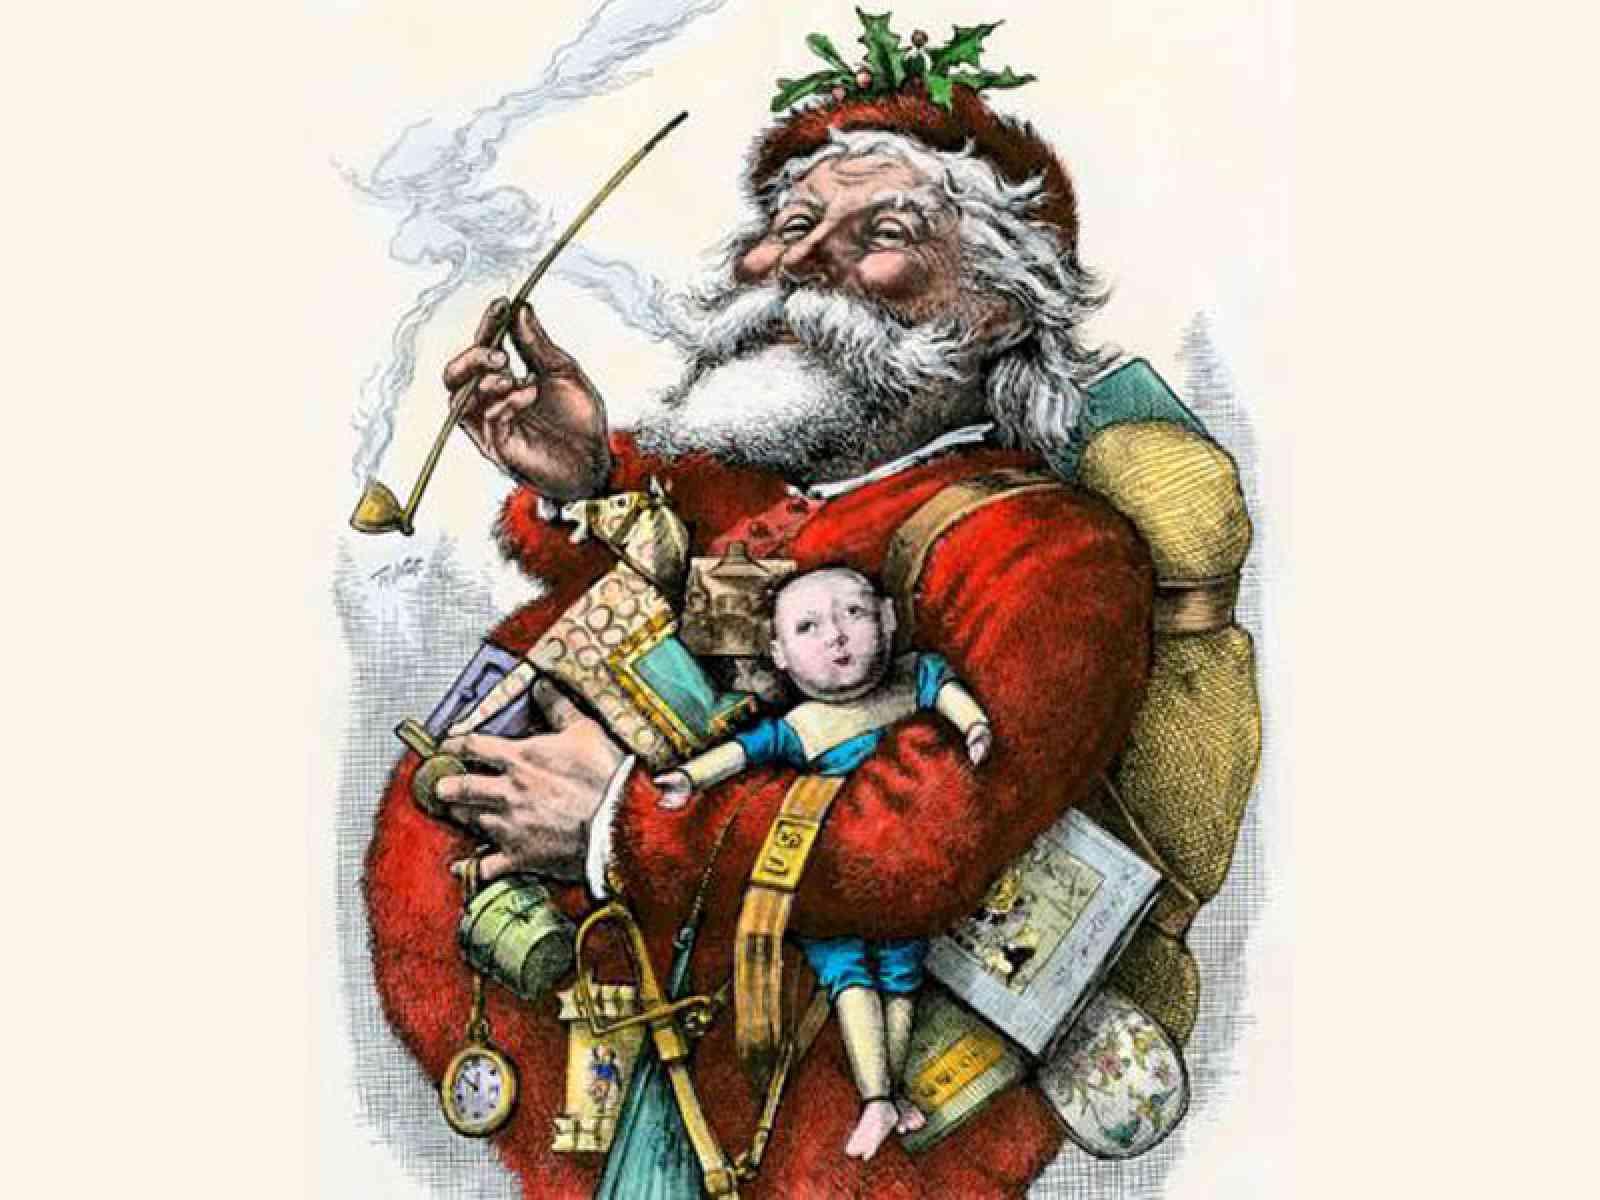 Babbo Natale in un'illustrazione di Thomas Nast nel 1881